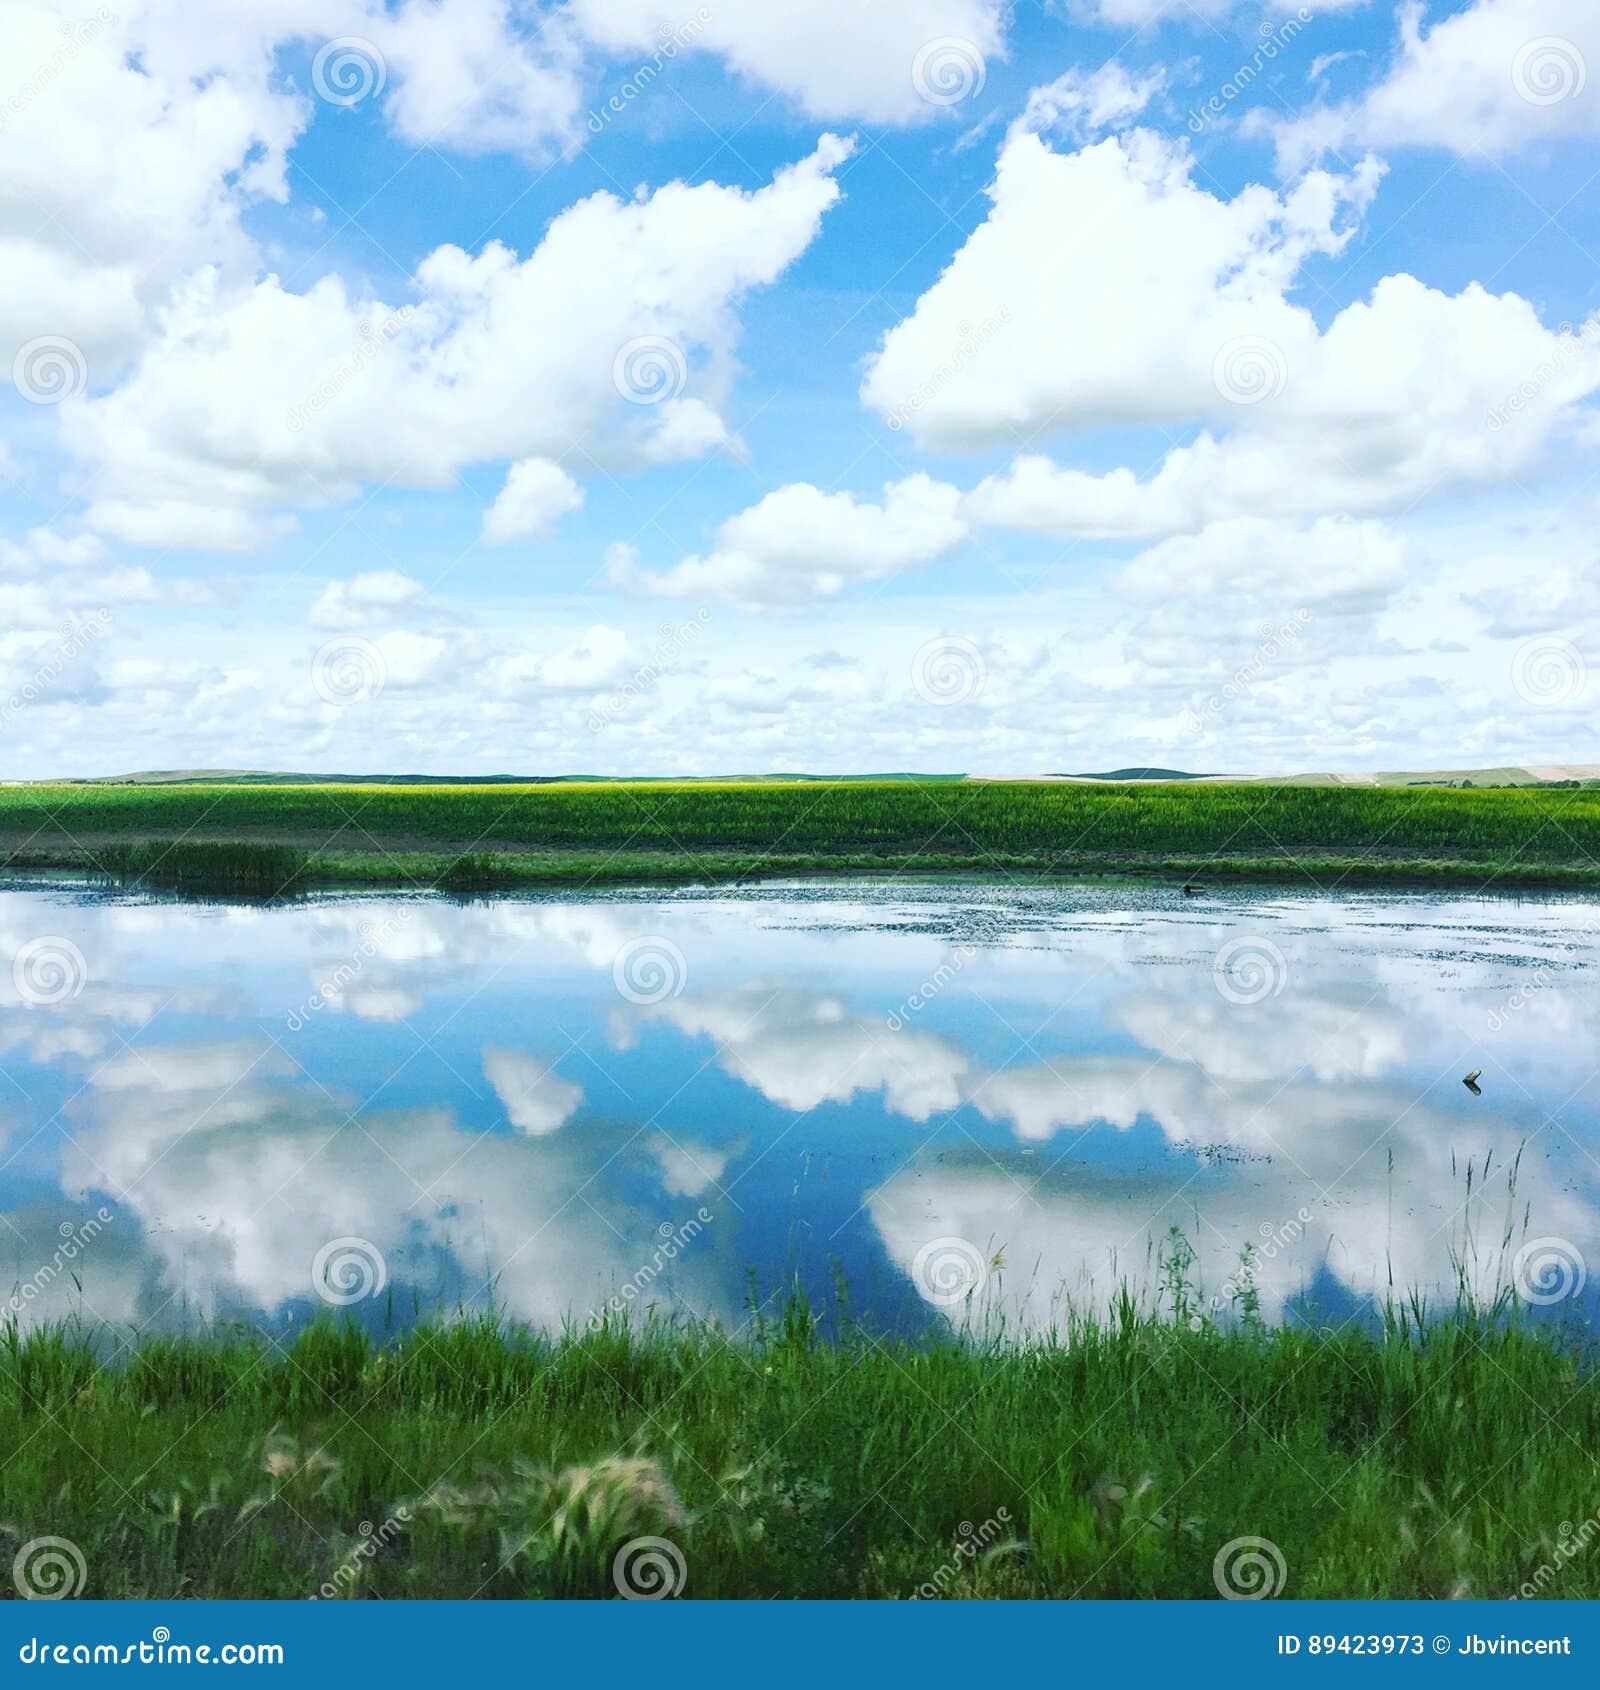 Nuvens que refletem na água e em campos de exploração agrícola calmos no fundo